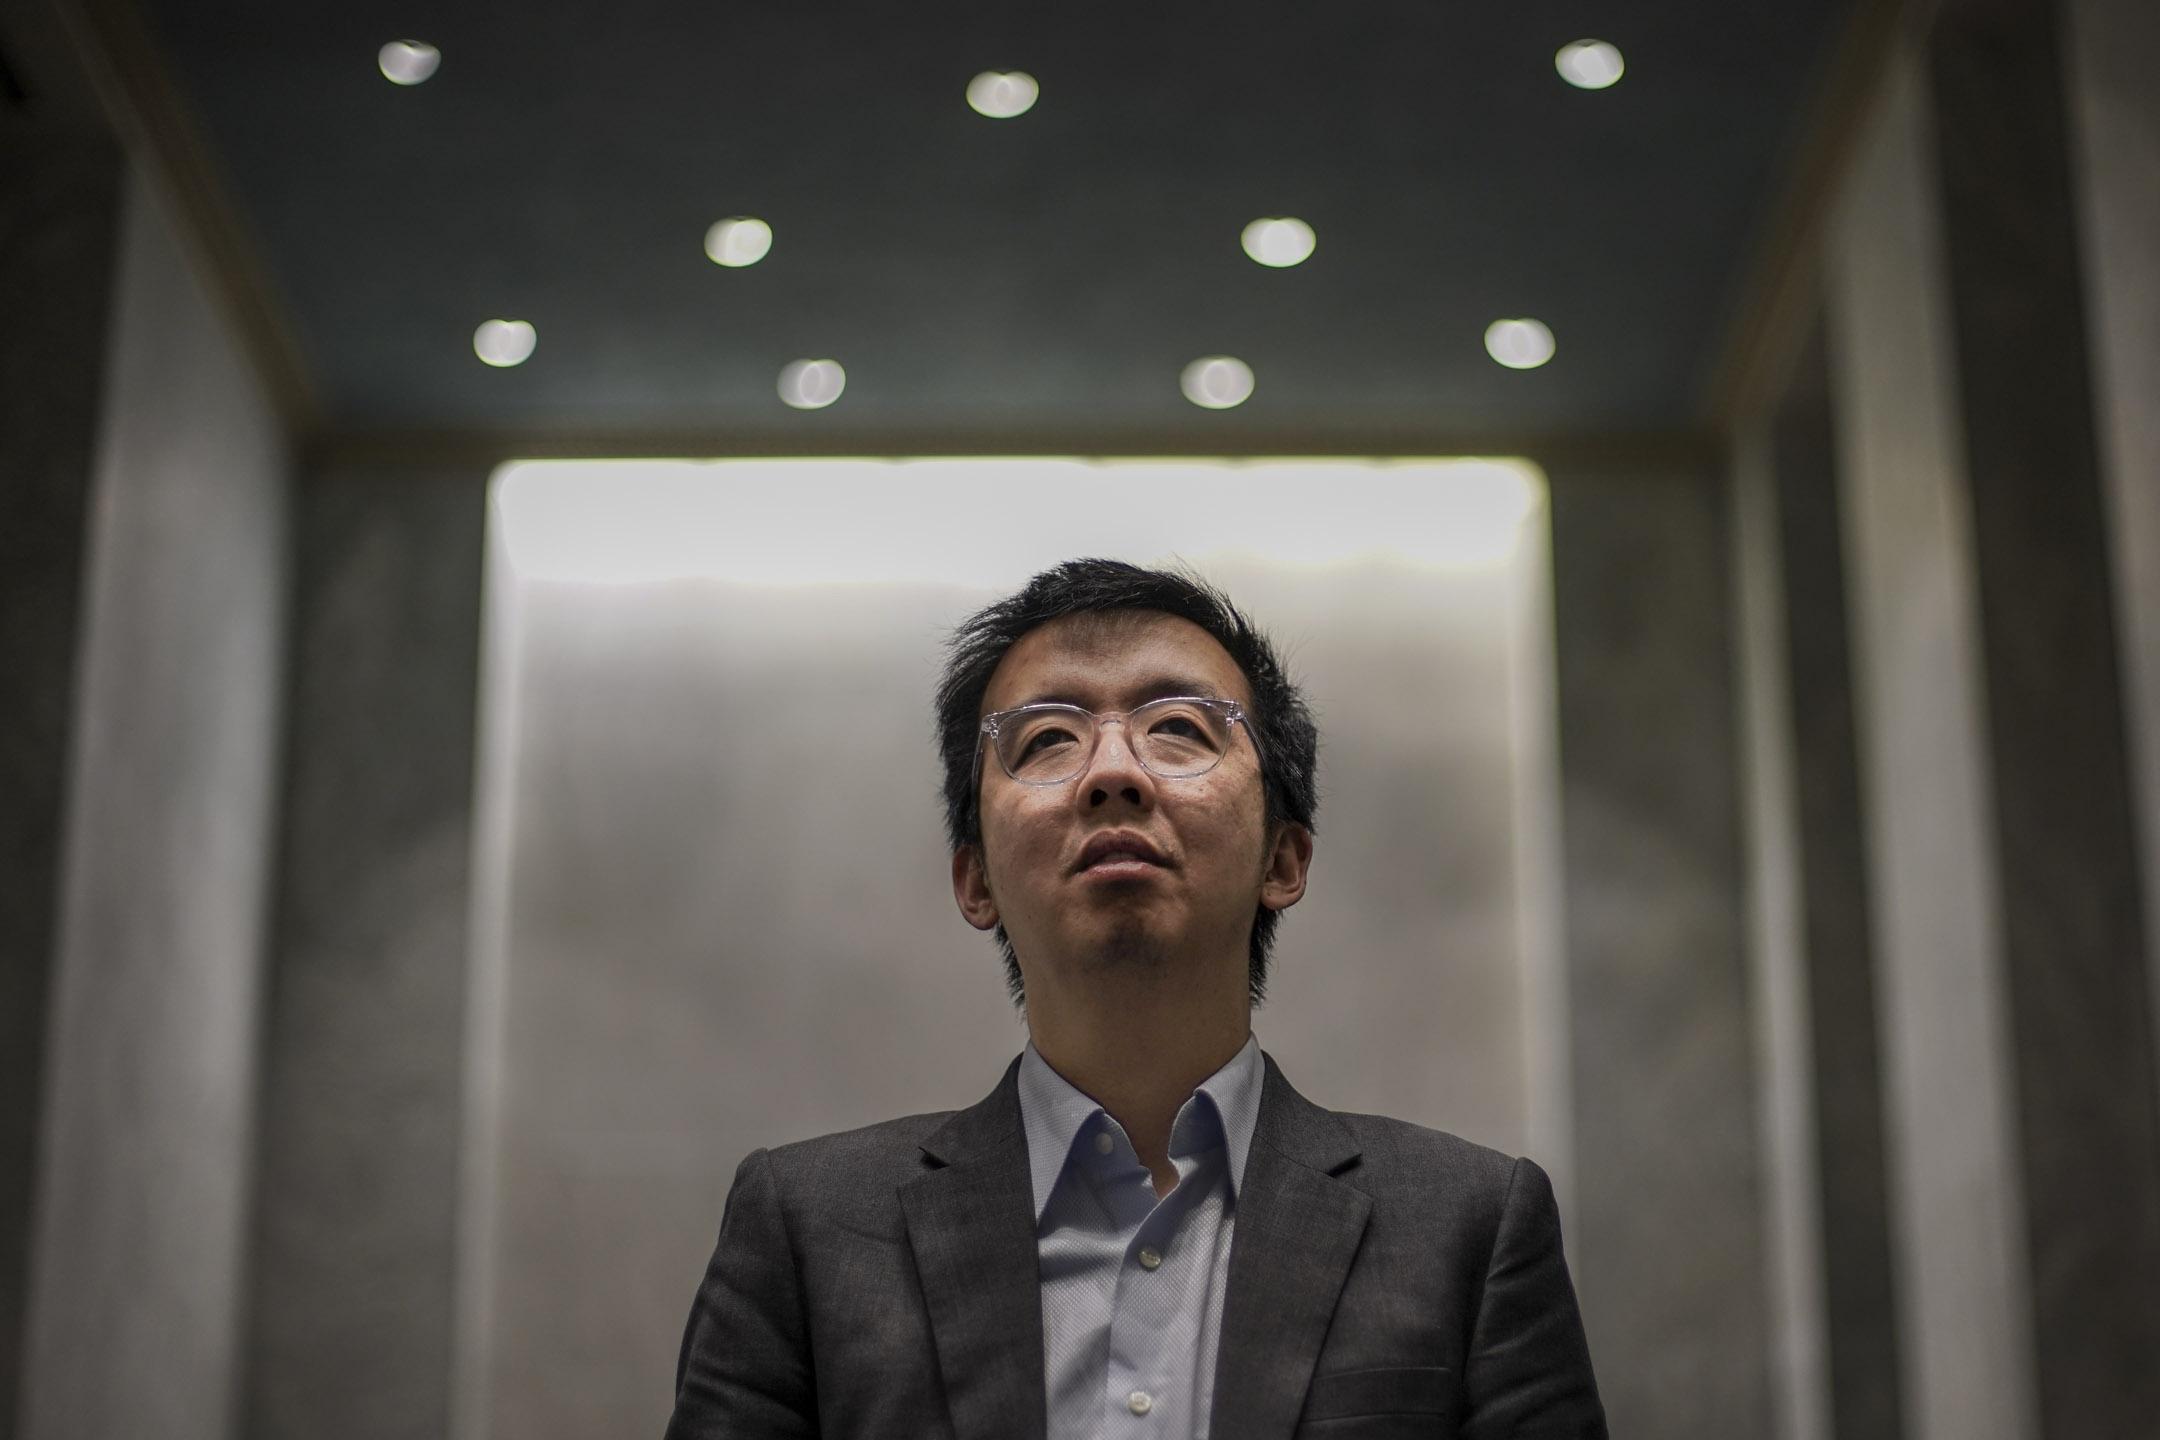 42歲的朱牧民(Samuel M. Chu)在美國生活三十年,仍視香港為家鄉,在美國為香港的社會運動奔走。